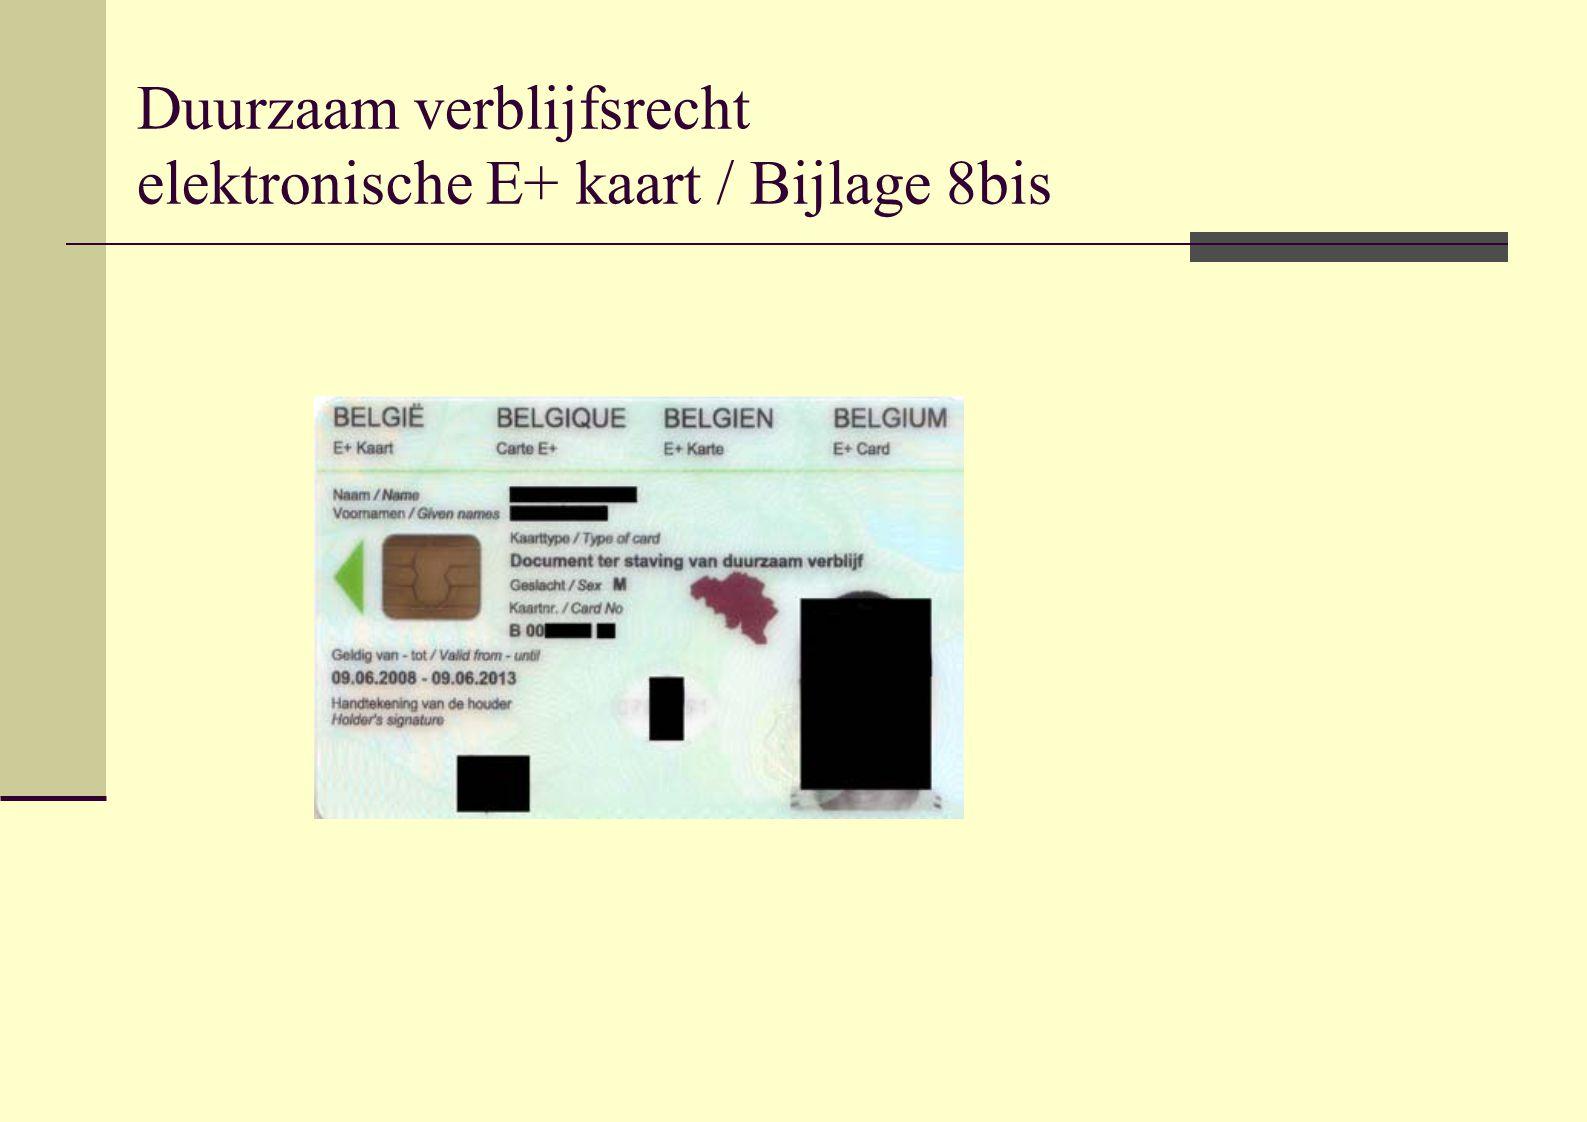 Duurzaam verblijfsrecht elektronische E+ kaart / Bijlage 8bis